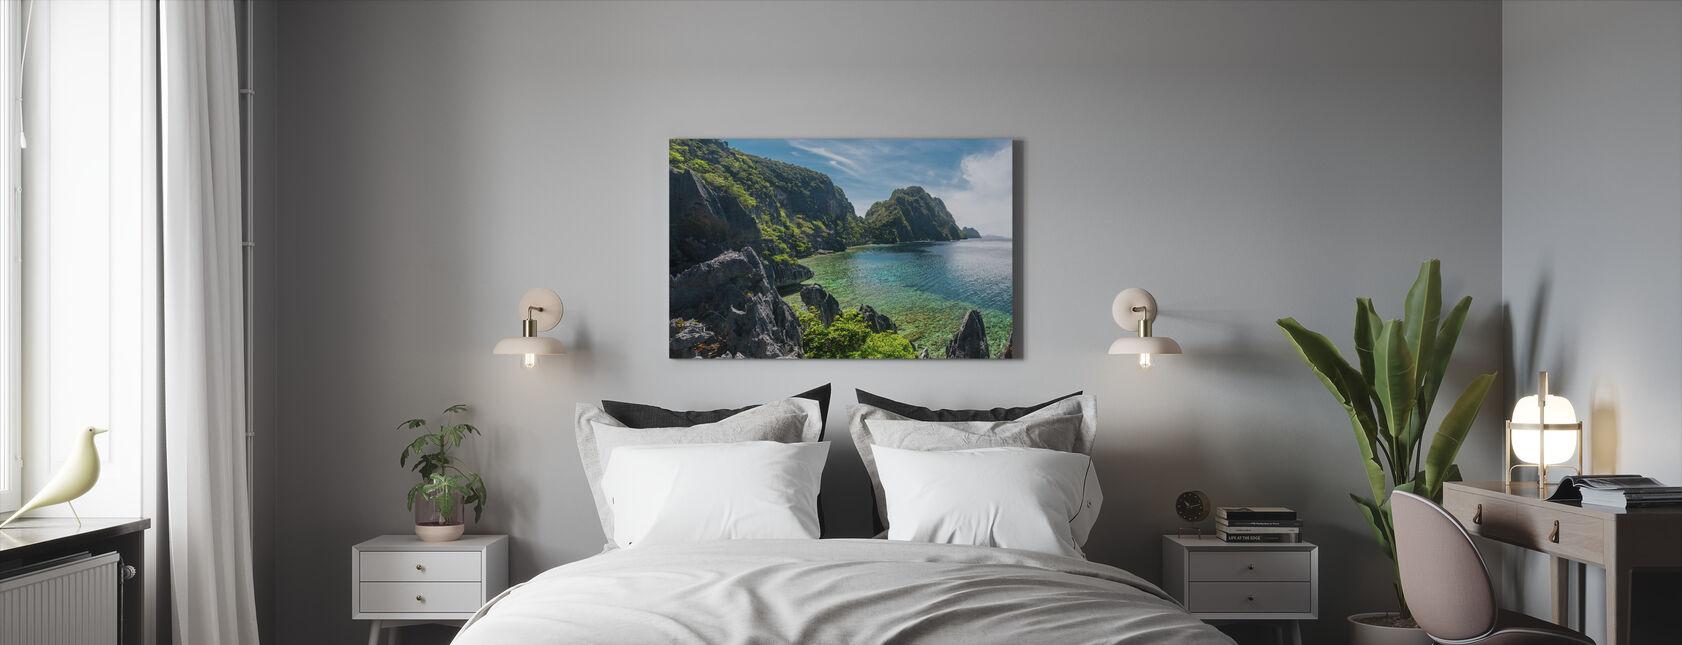 Het Nido eiland - Canvas print - Slaapkamer